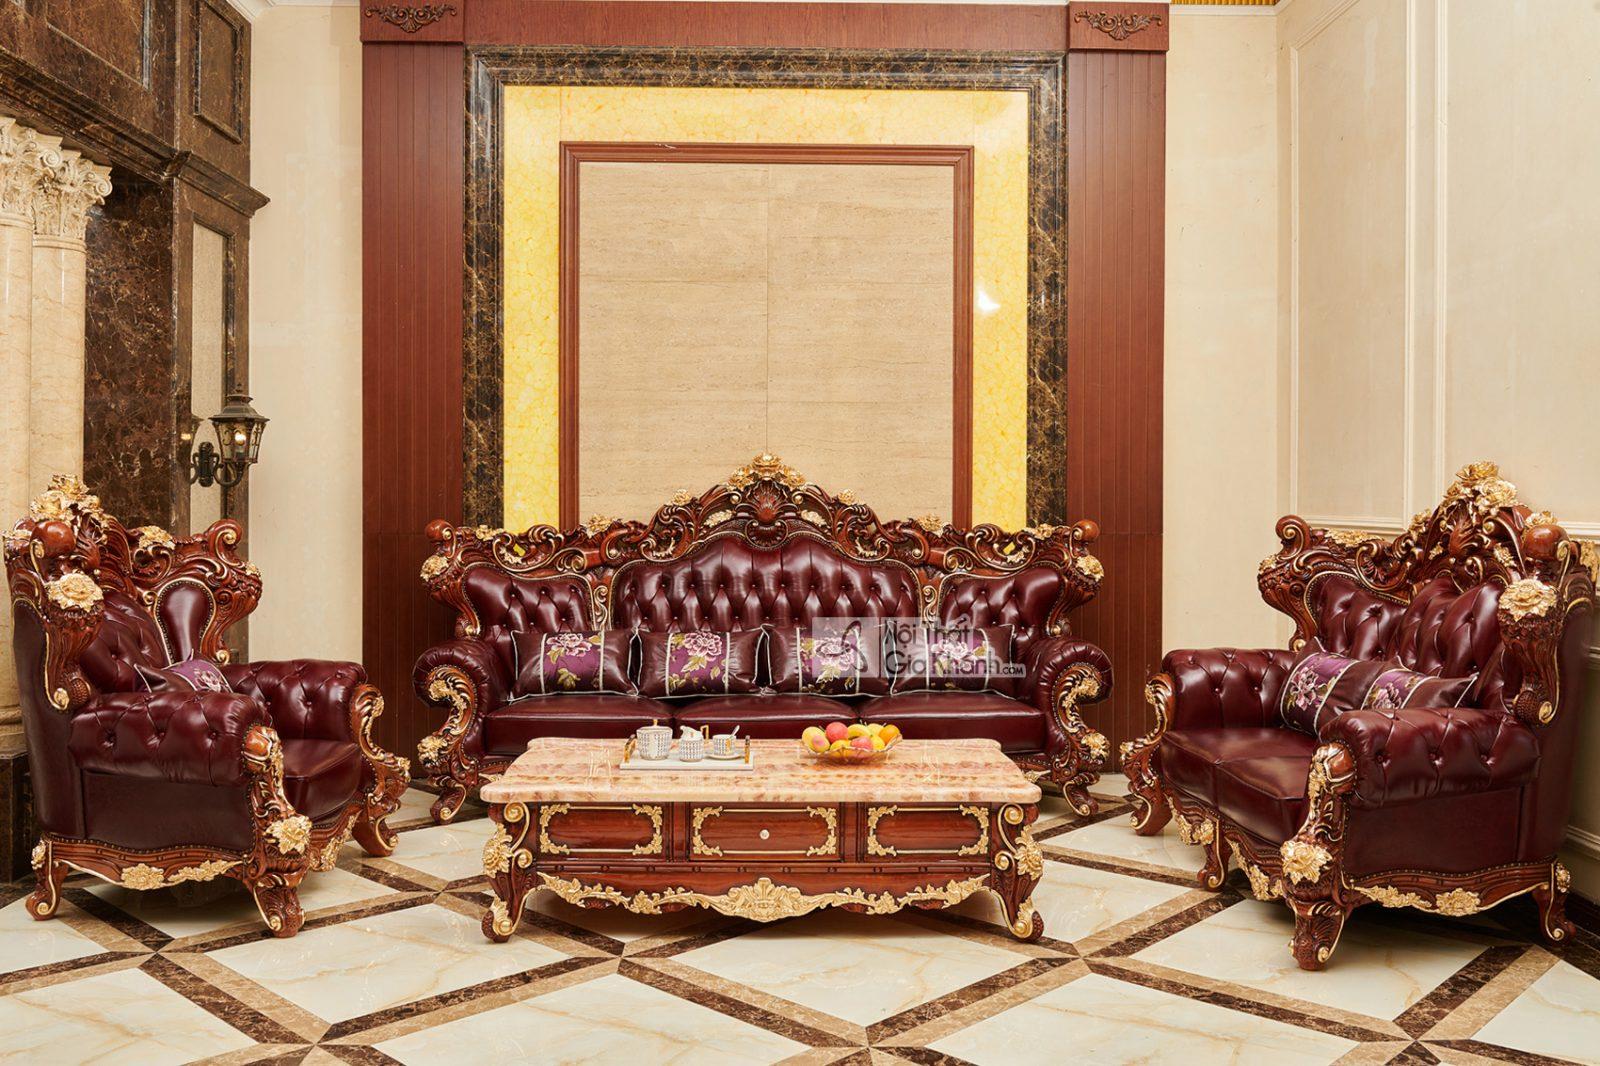 THE SUN KING - Bộ sưu tập Nội Thất Tân Cổ Điển Hoàng gia